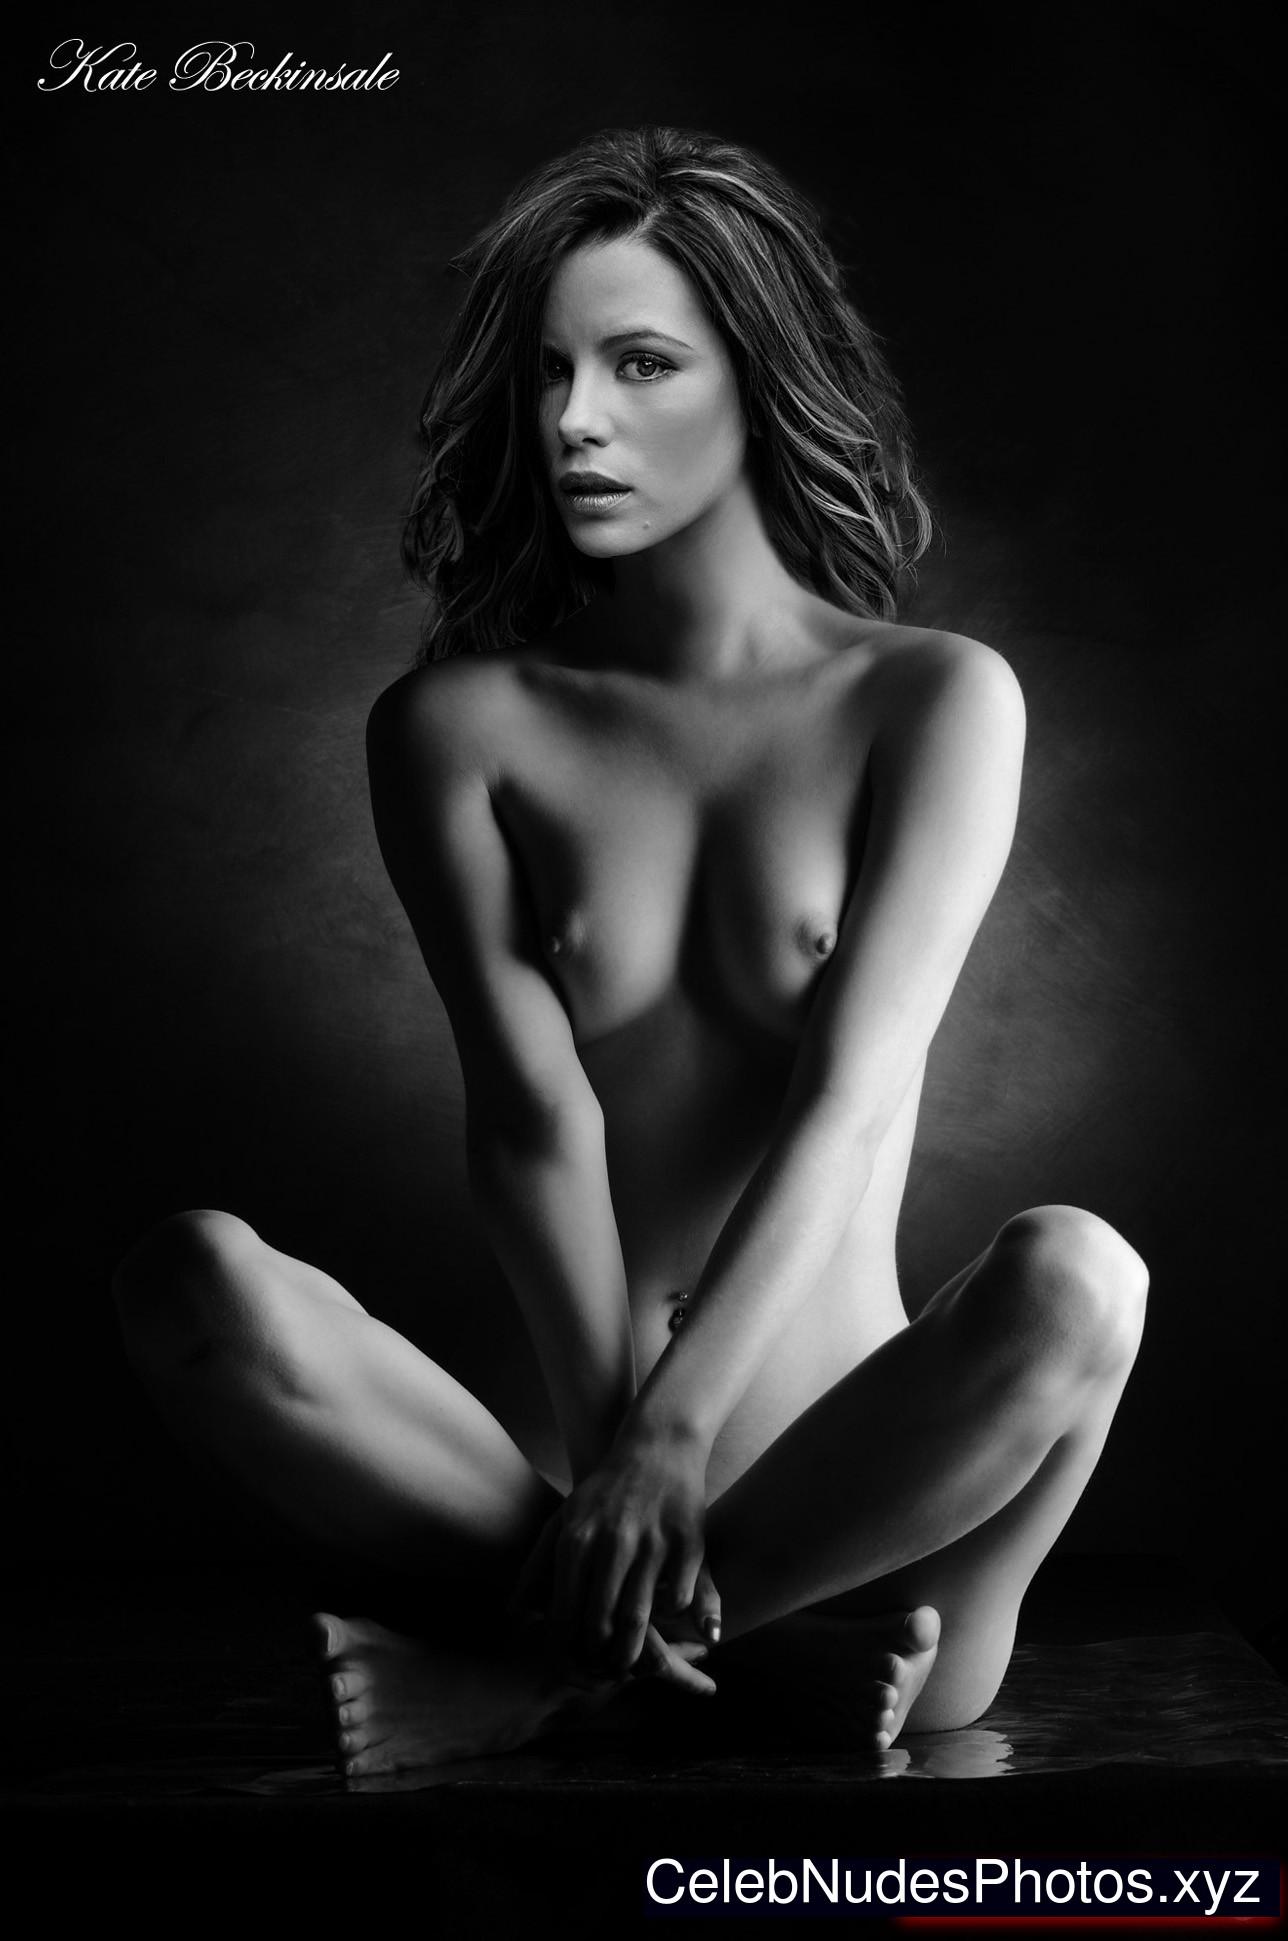 Kate bekinsale nude